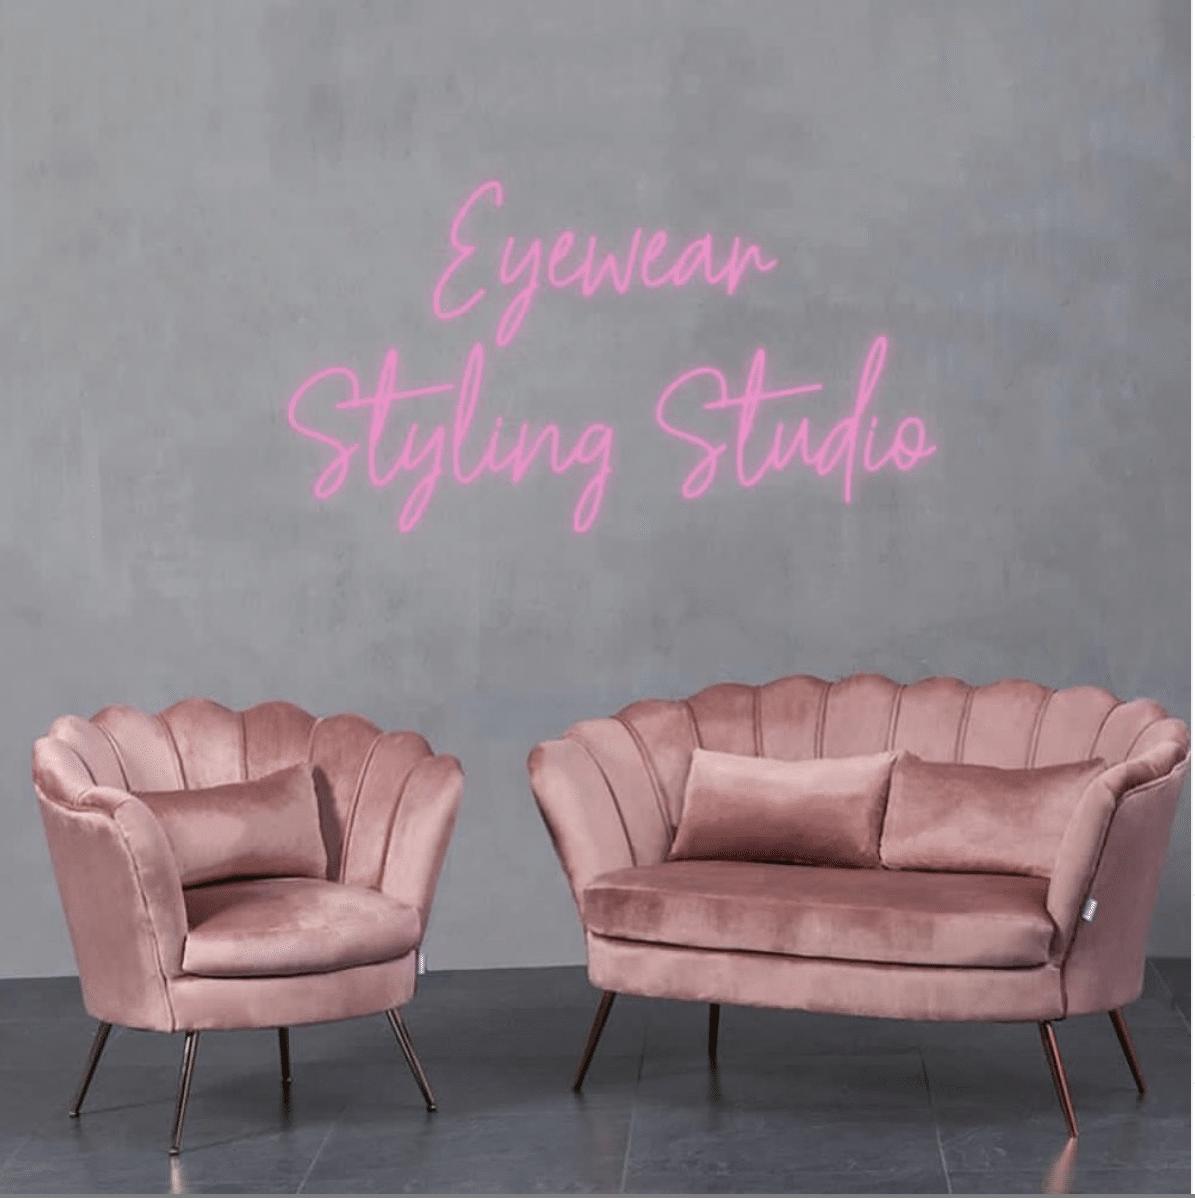 Eyewear Styling Studio